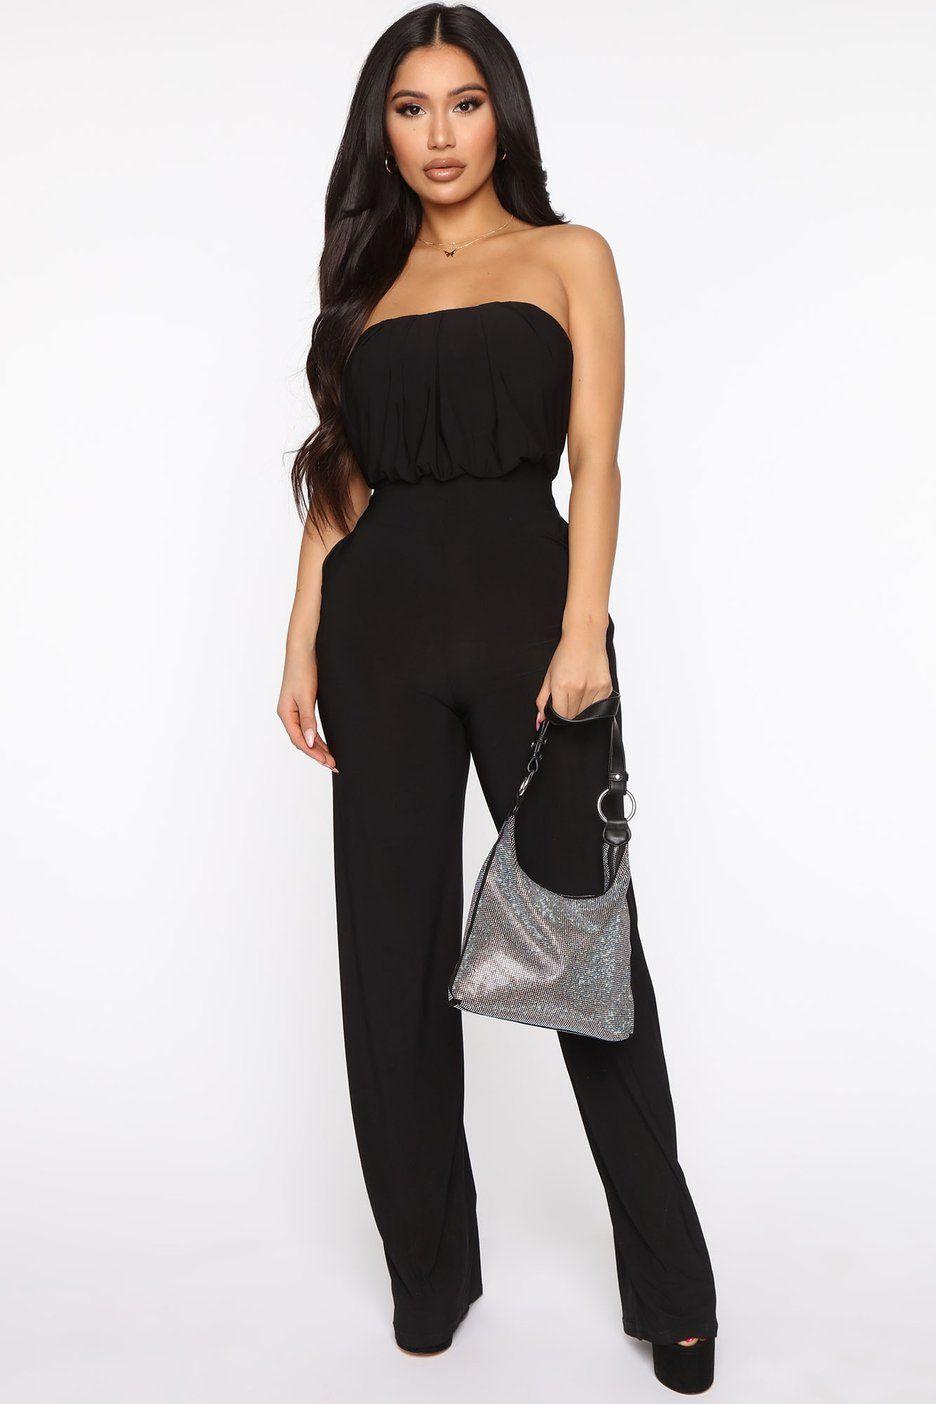 All I Ve Wanted Jumpsuit Black In 2021 Black Dresses Classy Black Jumpsuit Jumpsuit [ 1404 x 936 Pixel ]